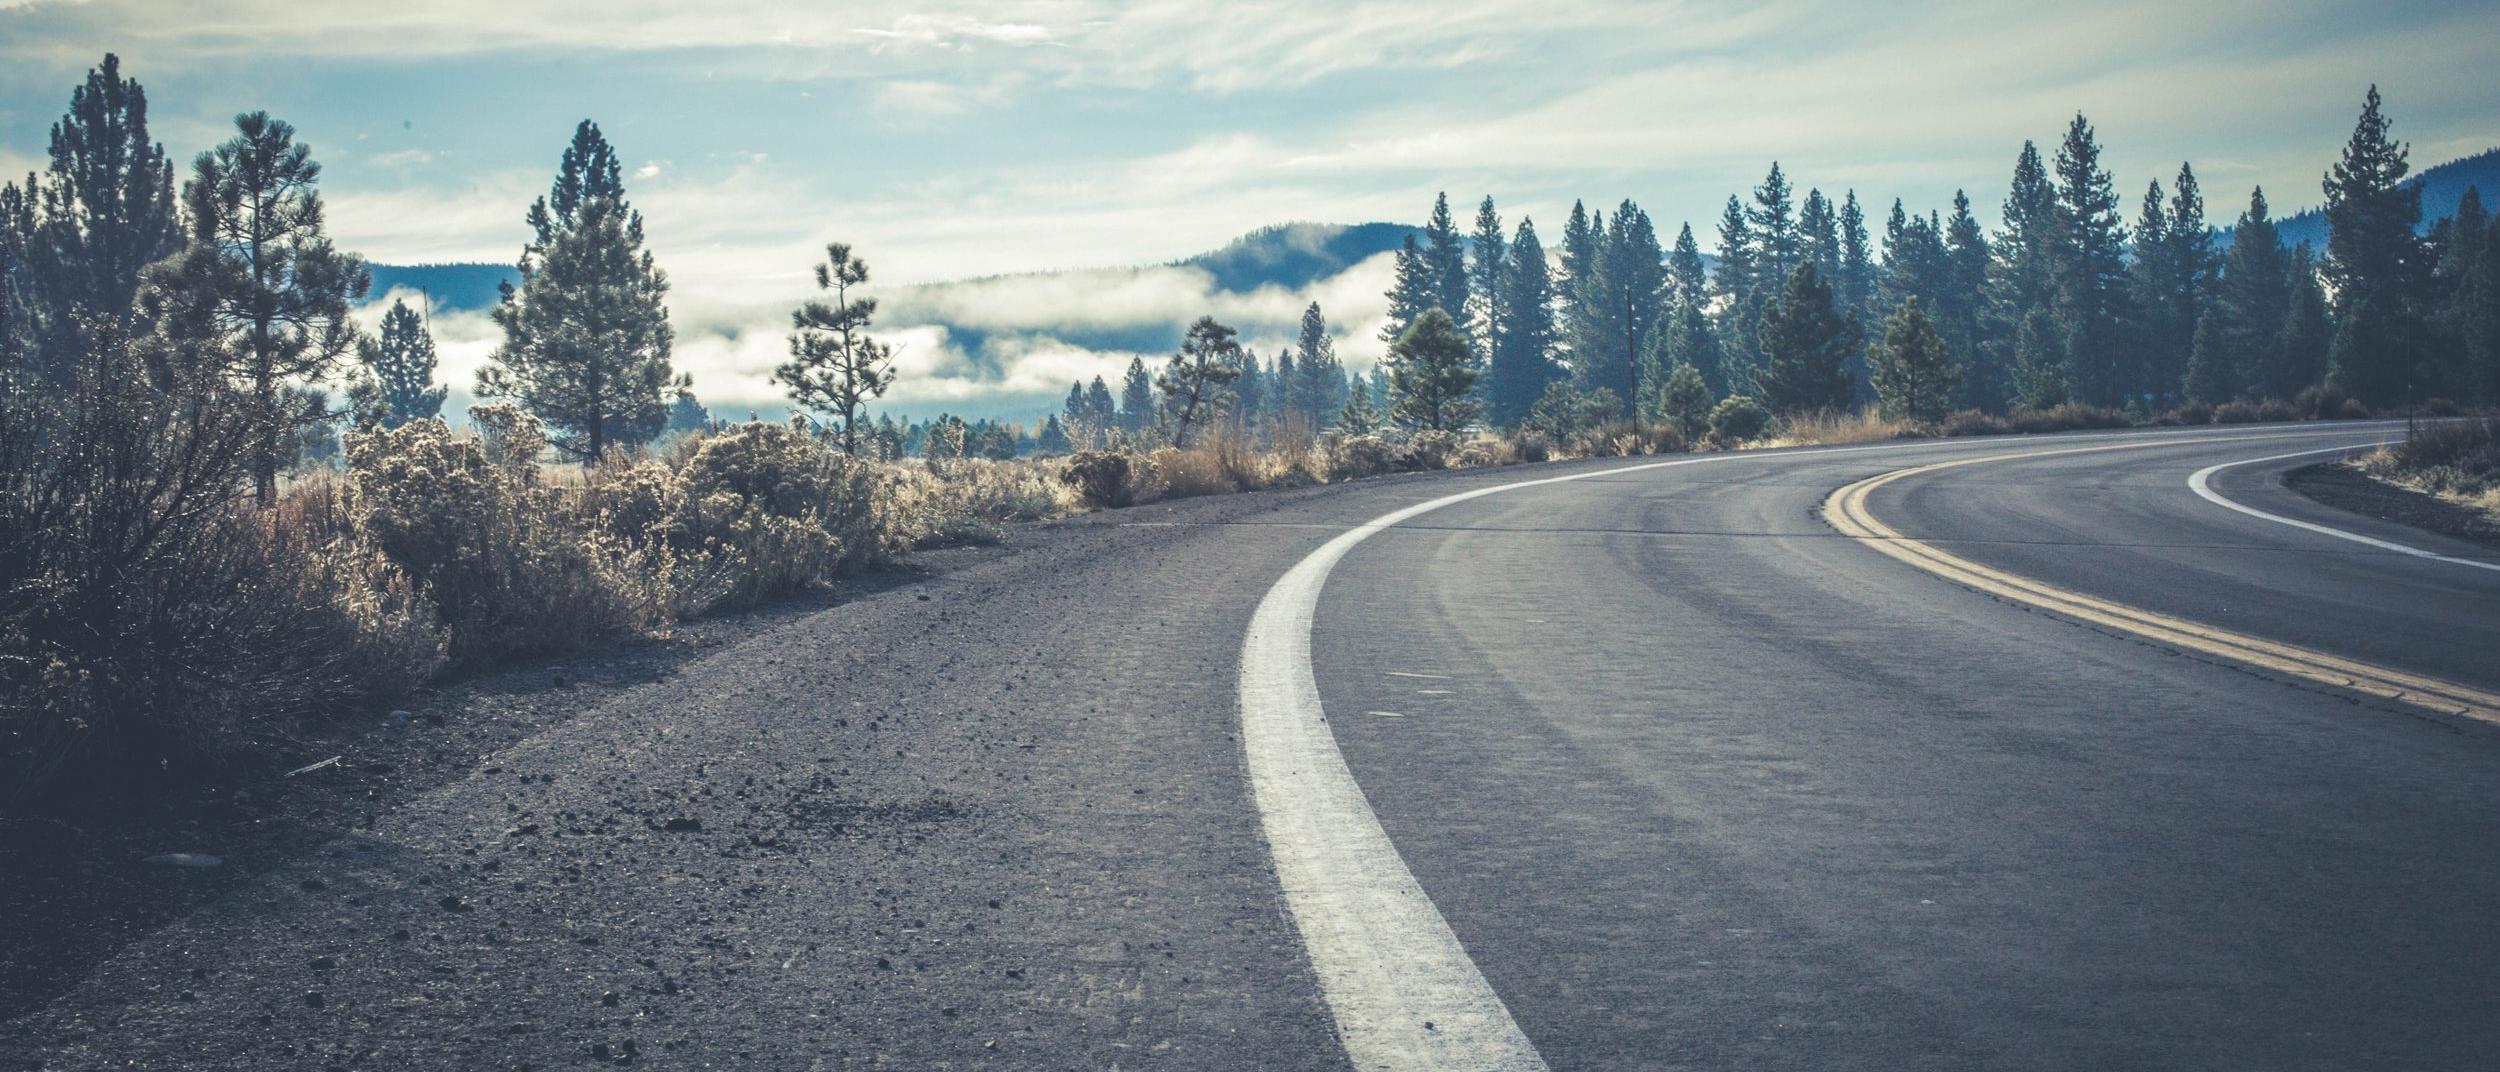 asphalt-clouds-daylight-756861.jpg